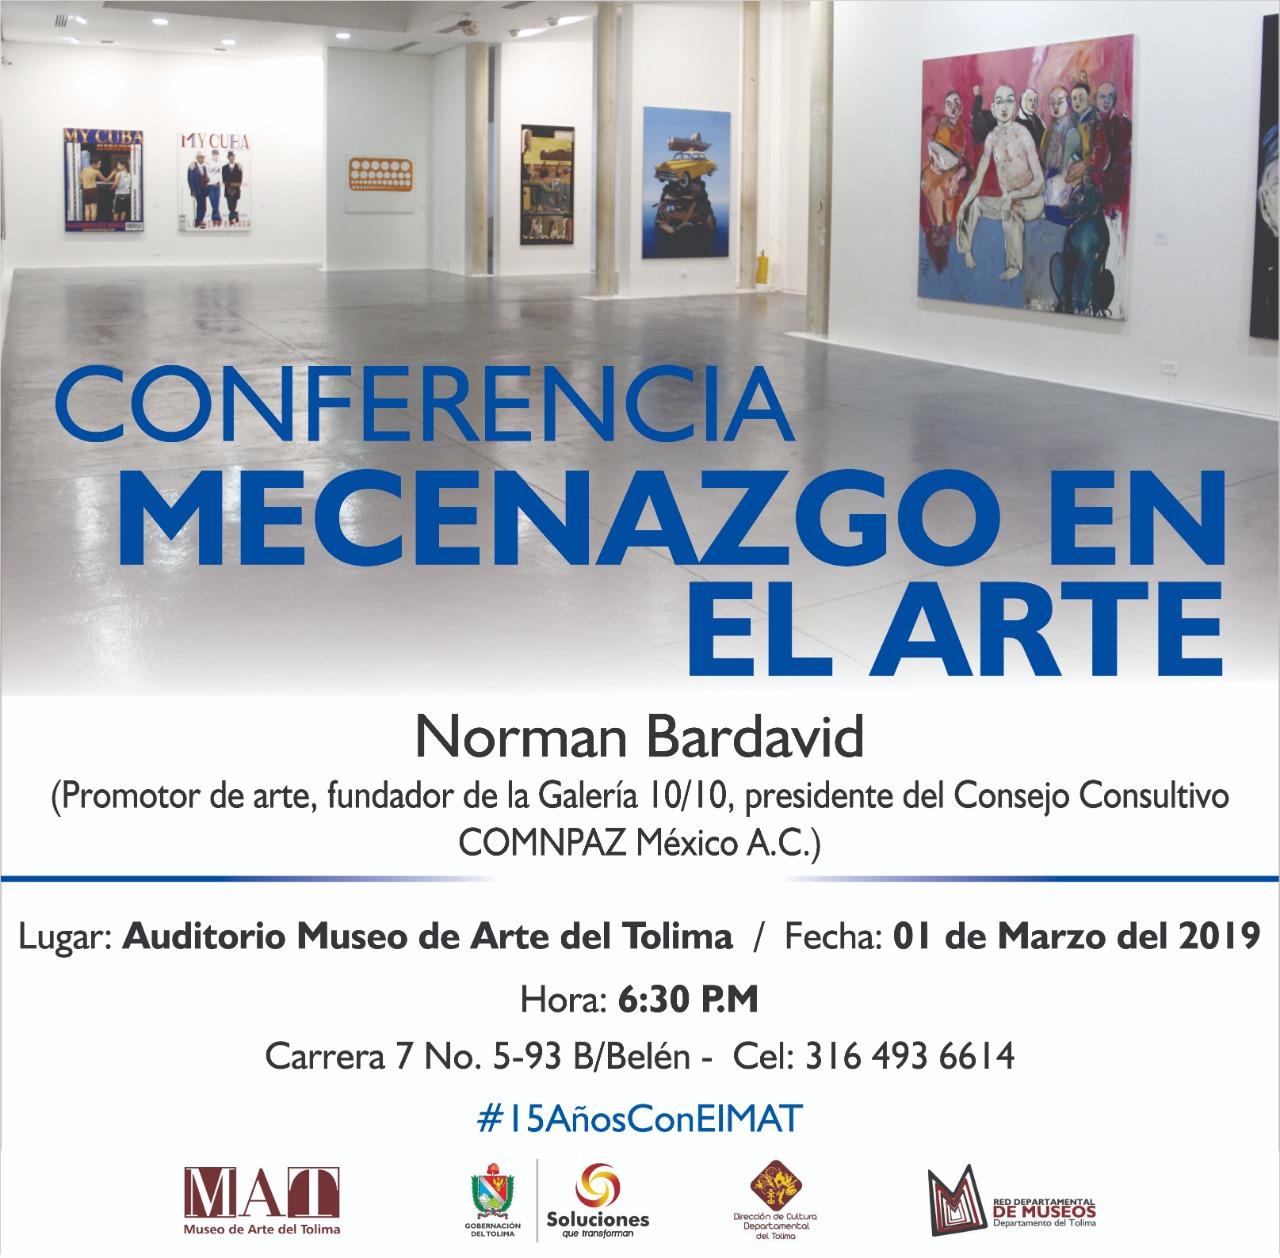 El Museo de Arte del Tolima Conferencia invita Mecenazgo en el arte, por Norman Bardavid